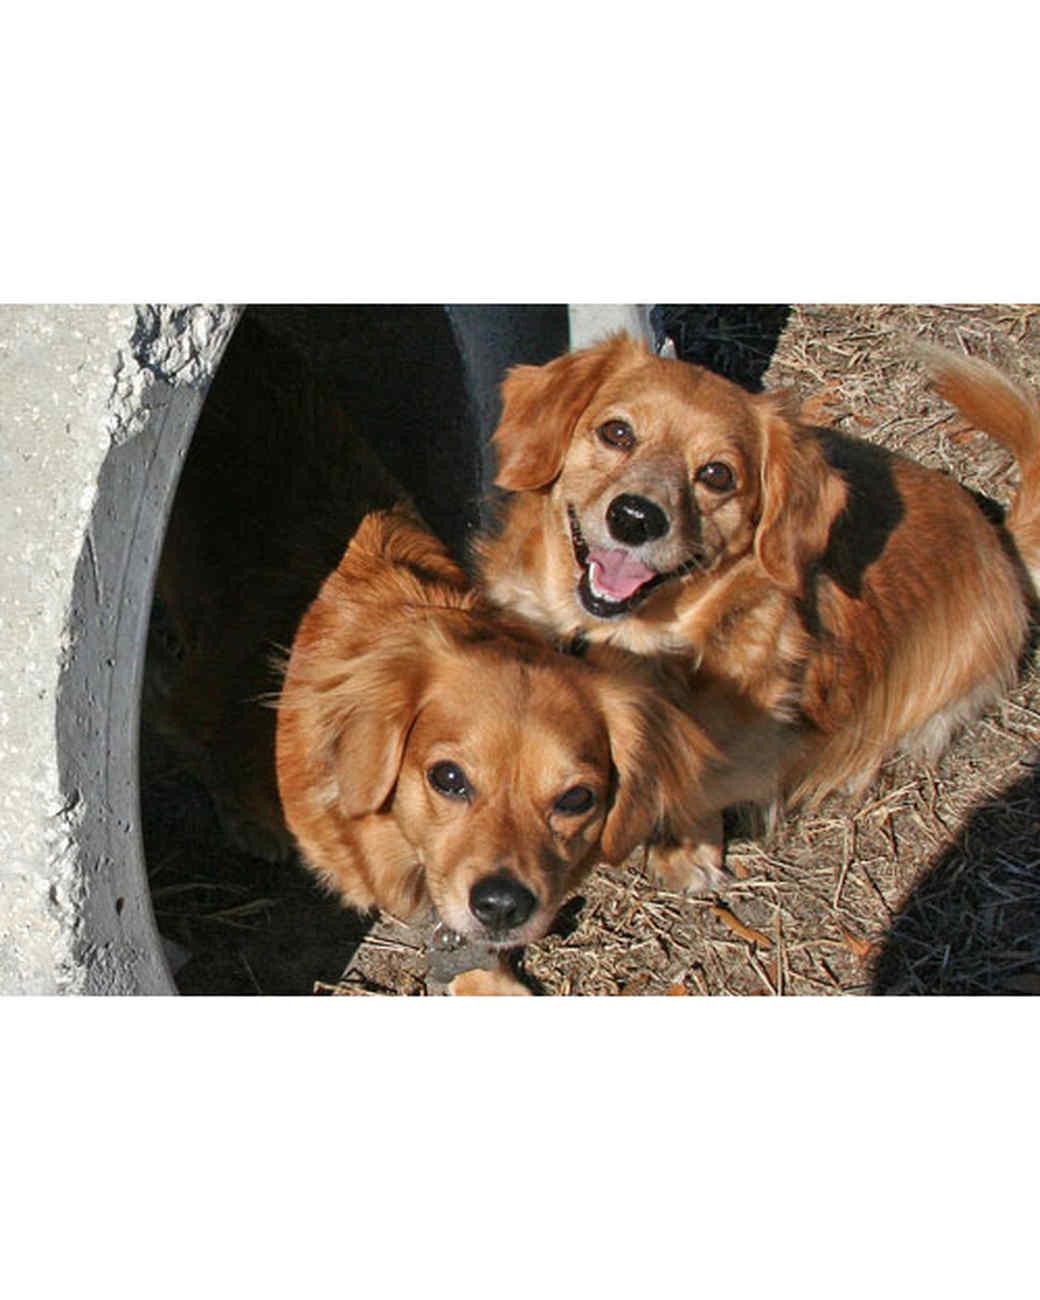 pets-at-play-0311-13138043_26054964.jpg